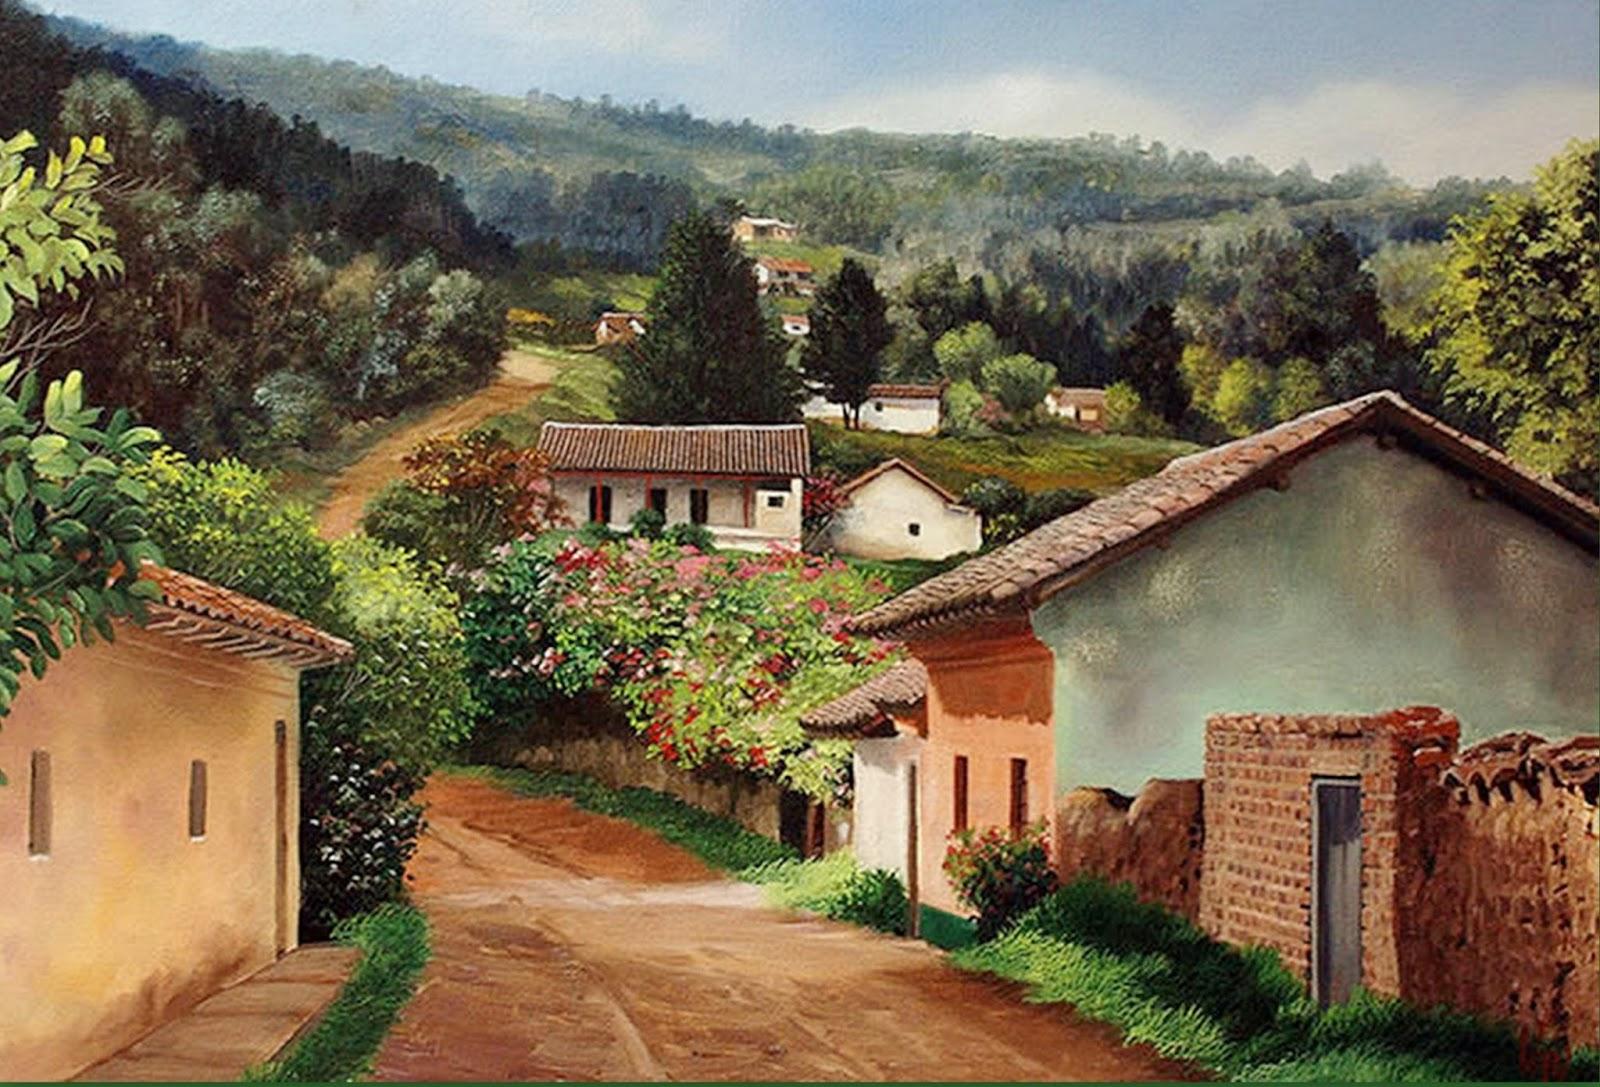 Im genes arte pinturas pinturas paisajes campesinos jos - Cuadros para pintar en casa ...